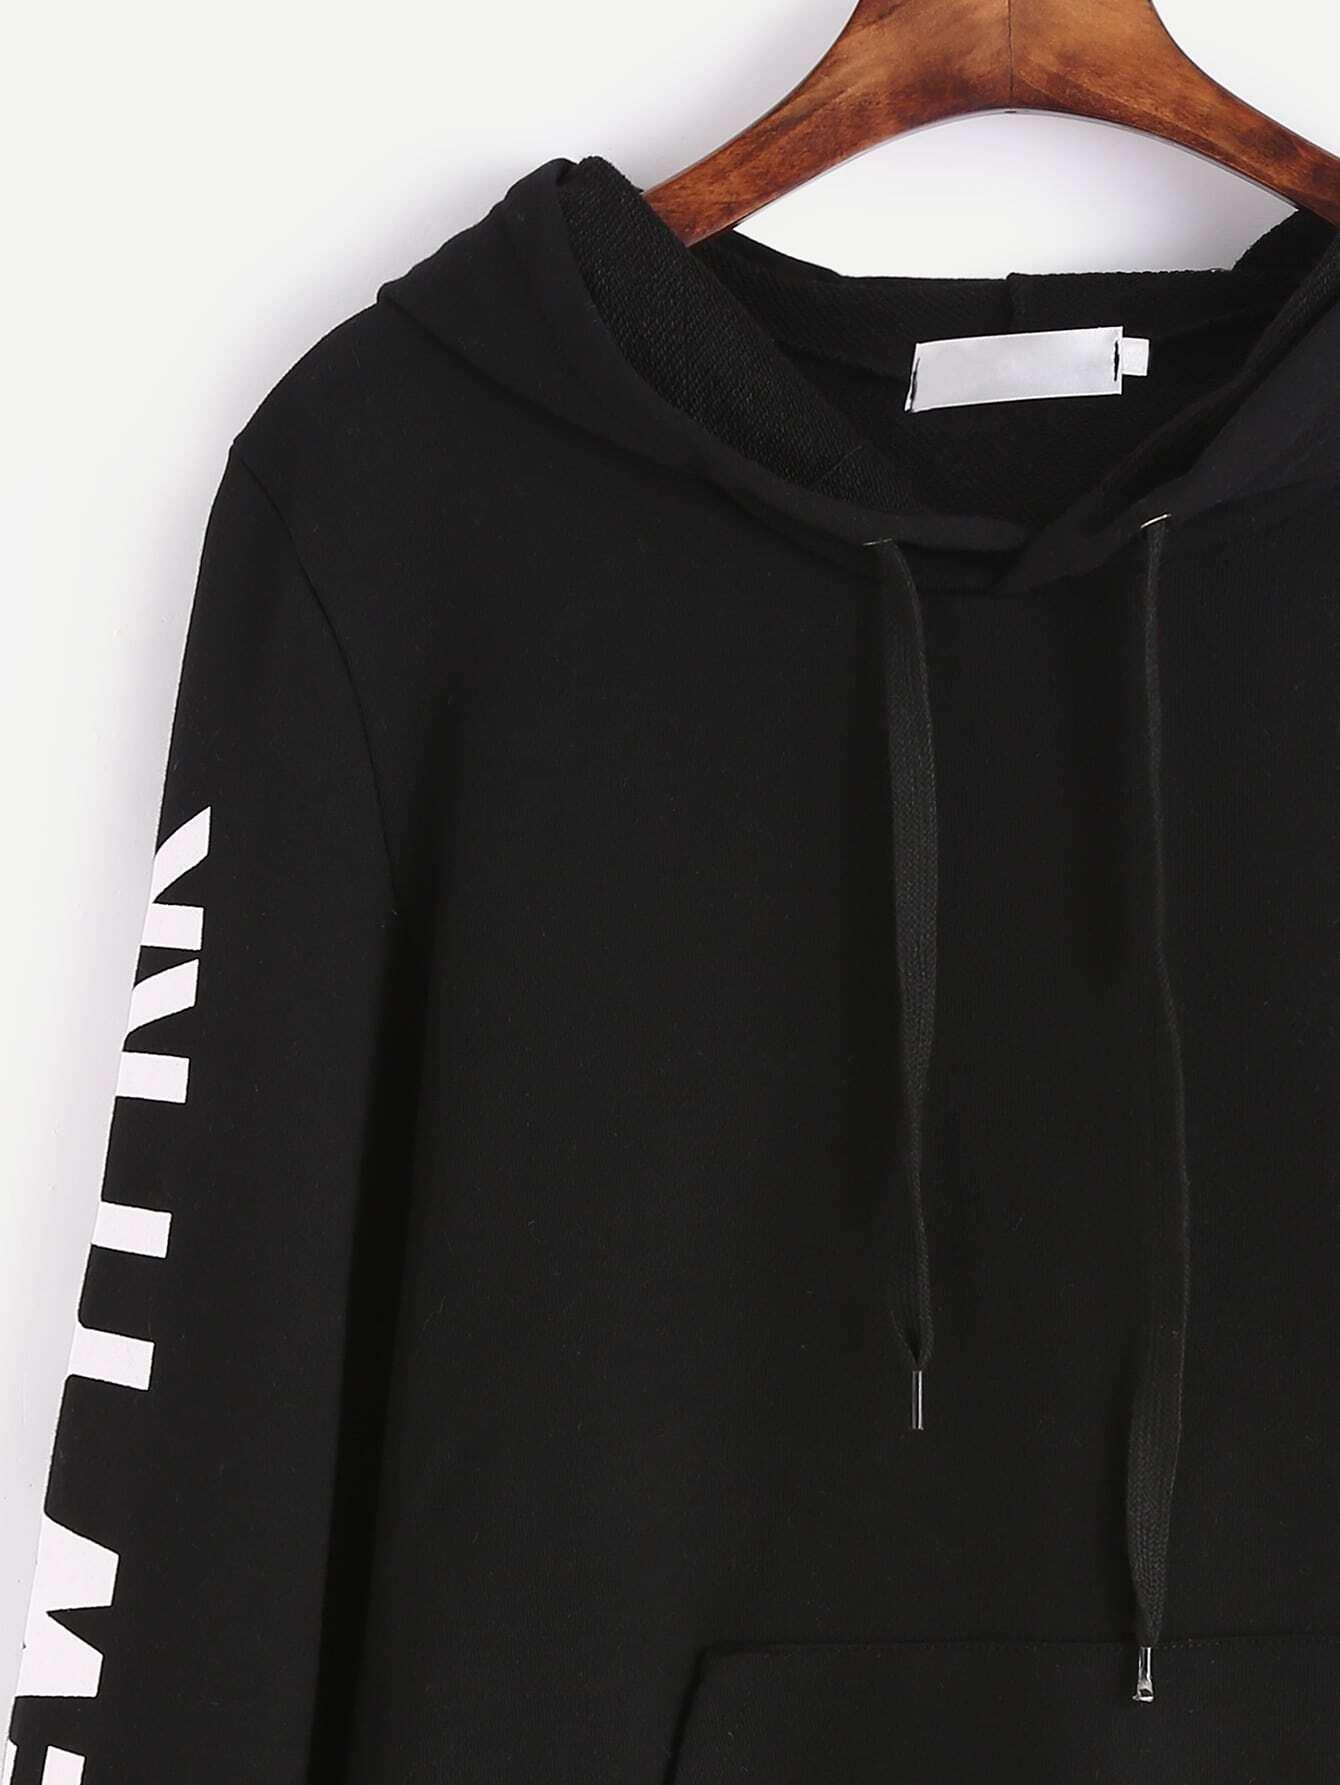 sweatshirt161021134_2